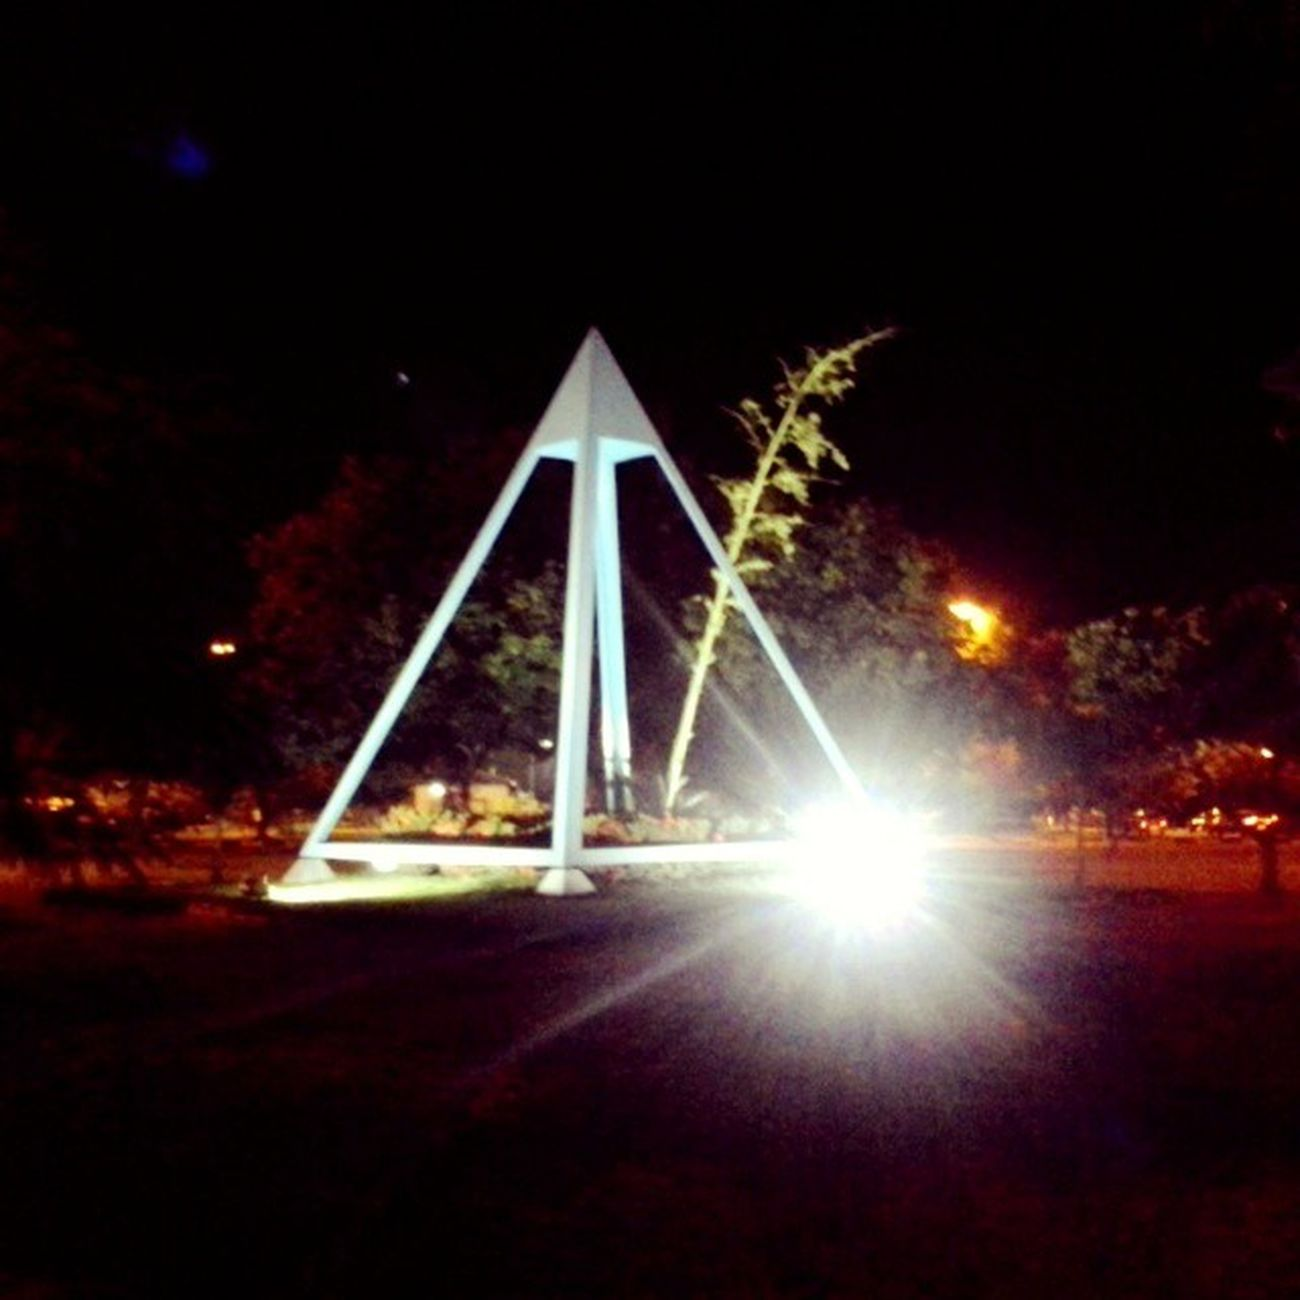 O doador de memórias PraçaDaPirâmide Boavista Roraima Norte Brasil Noite Natureza Luz Branco Verde Azul Preto Vermelho